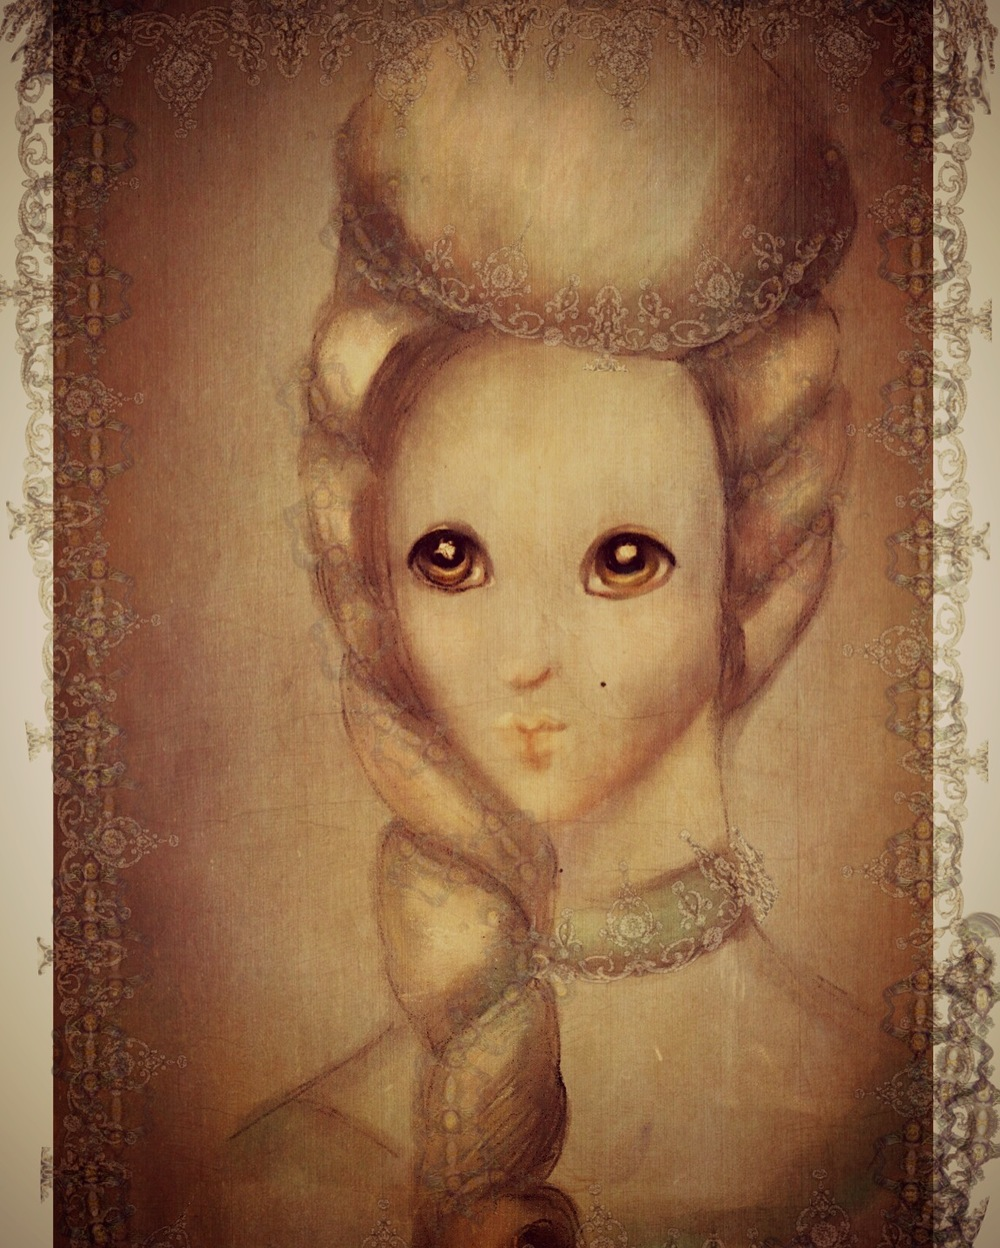 Marie Antoinette illustration